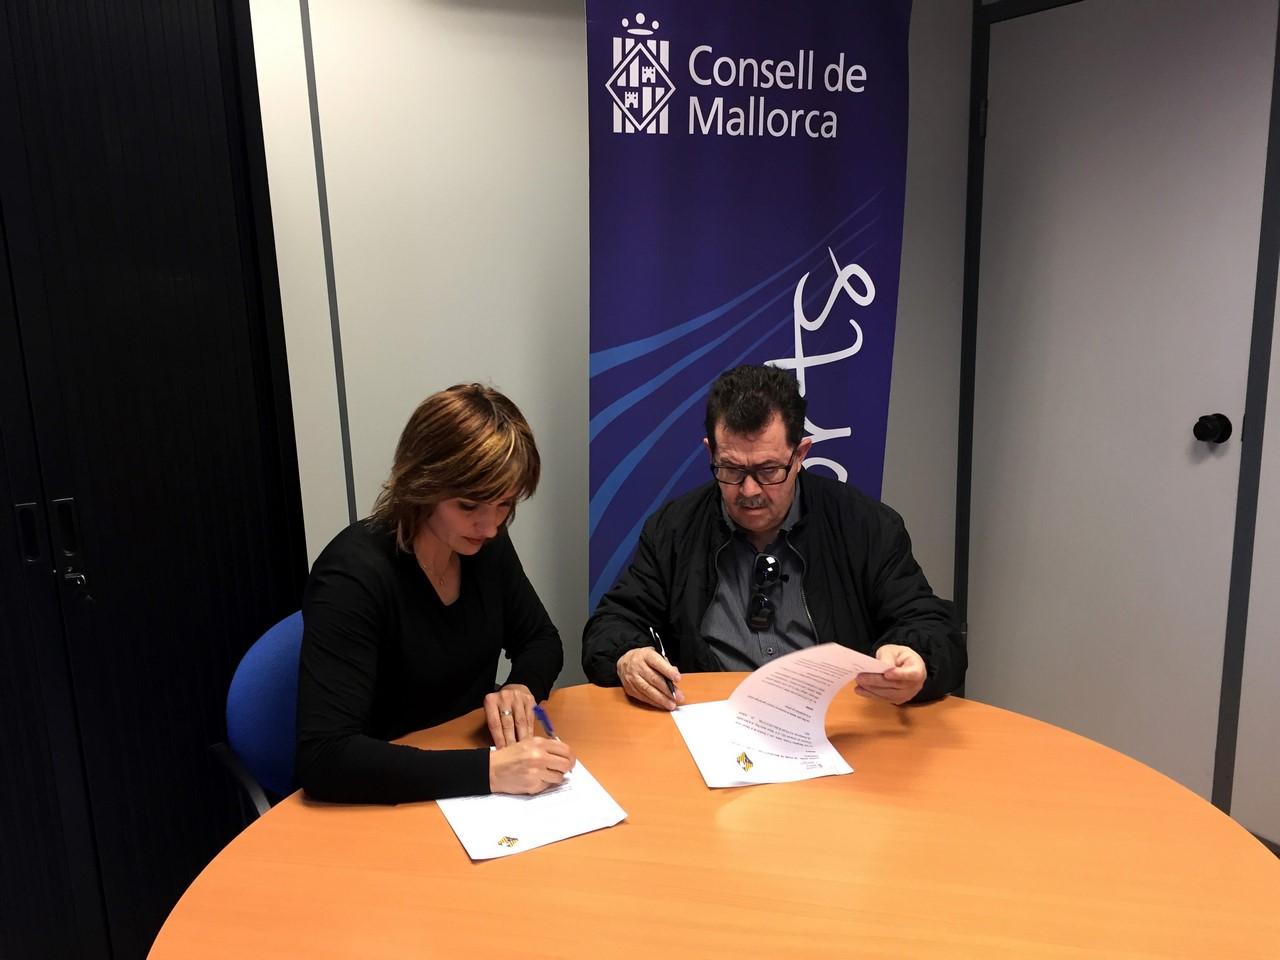 Margalida Portells y Miquel Jaume firman el convenio en la sede del Consell de Mallorca (Copy)